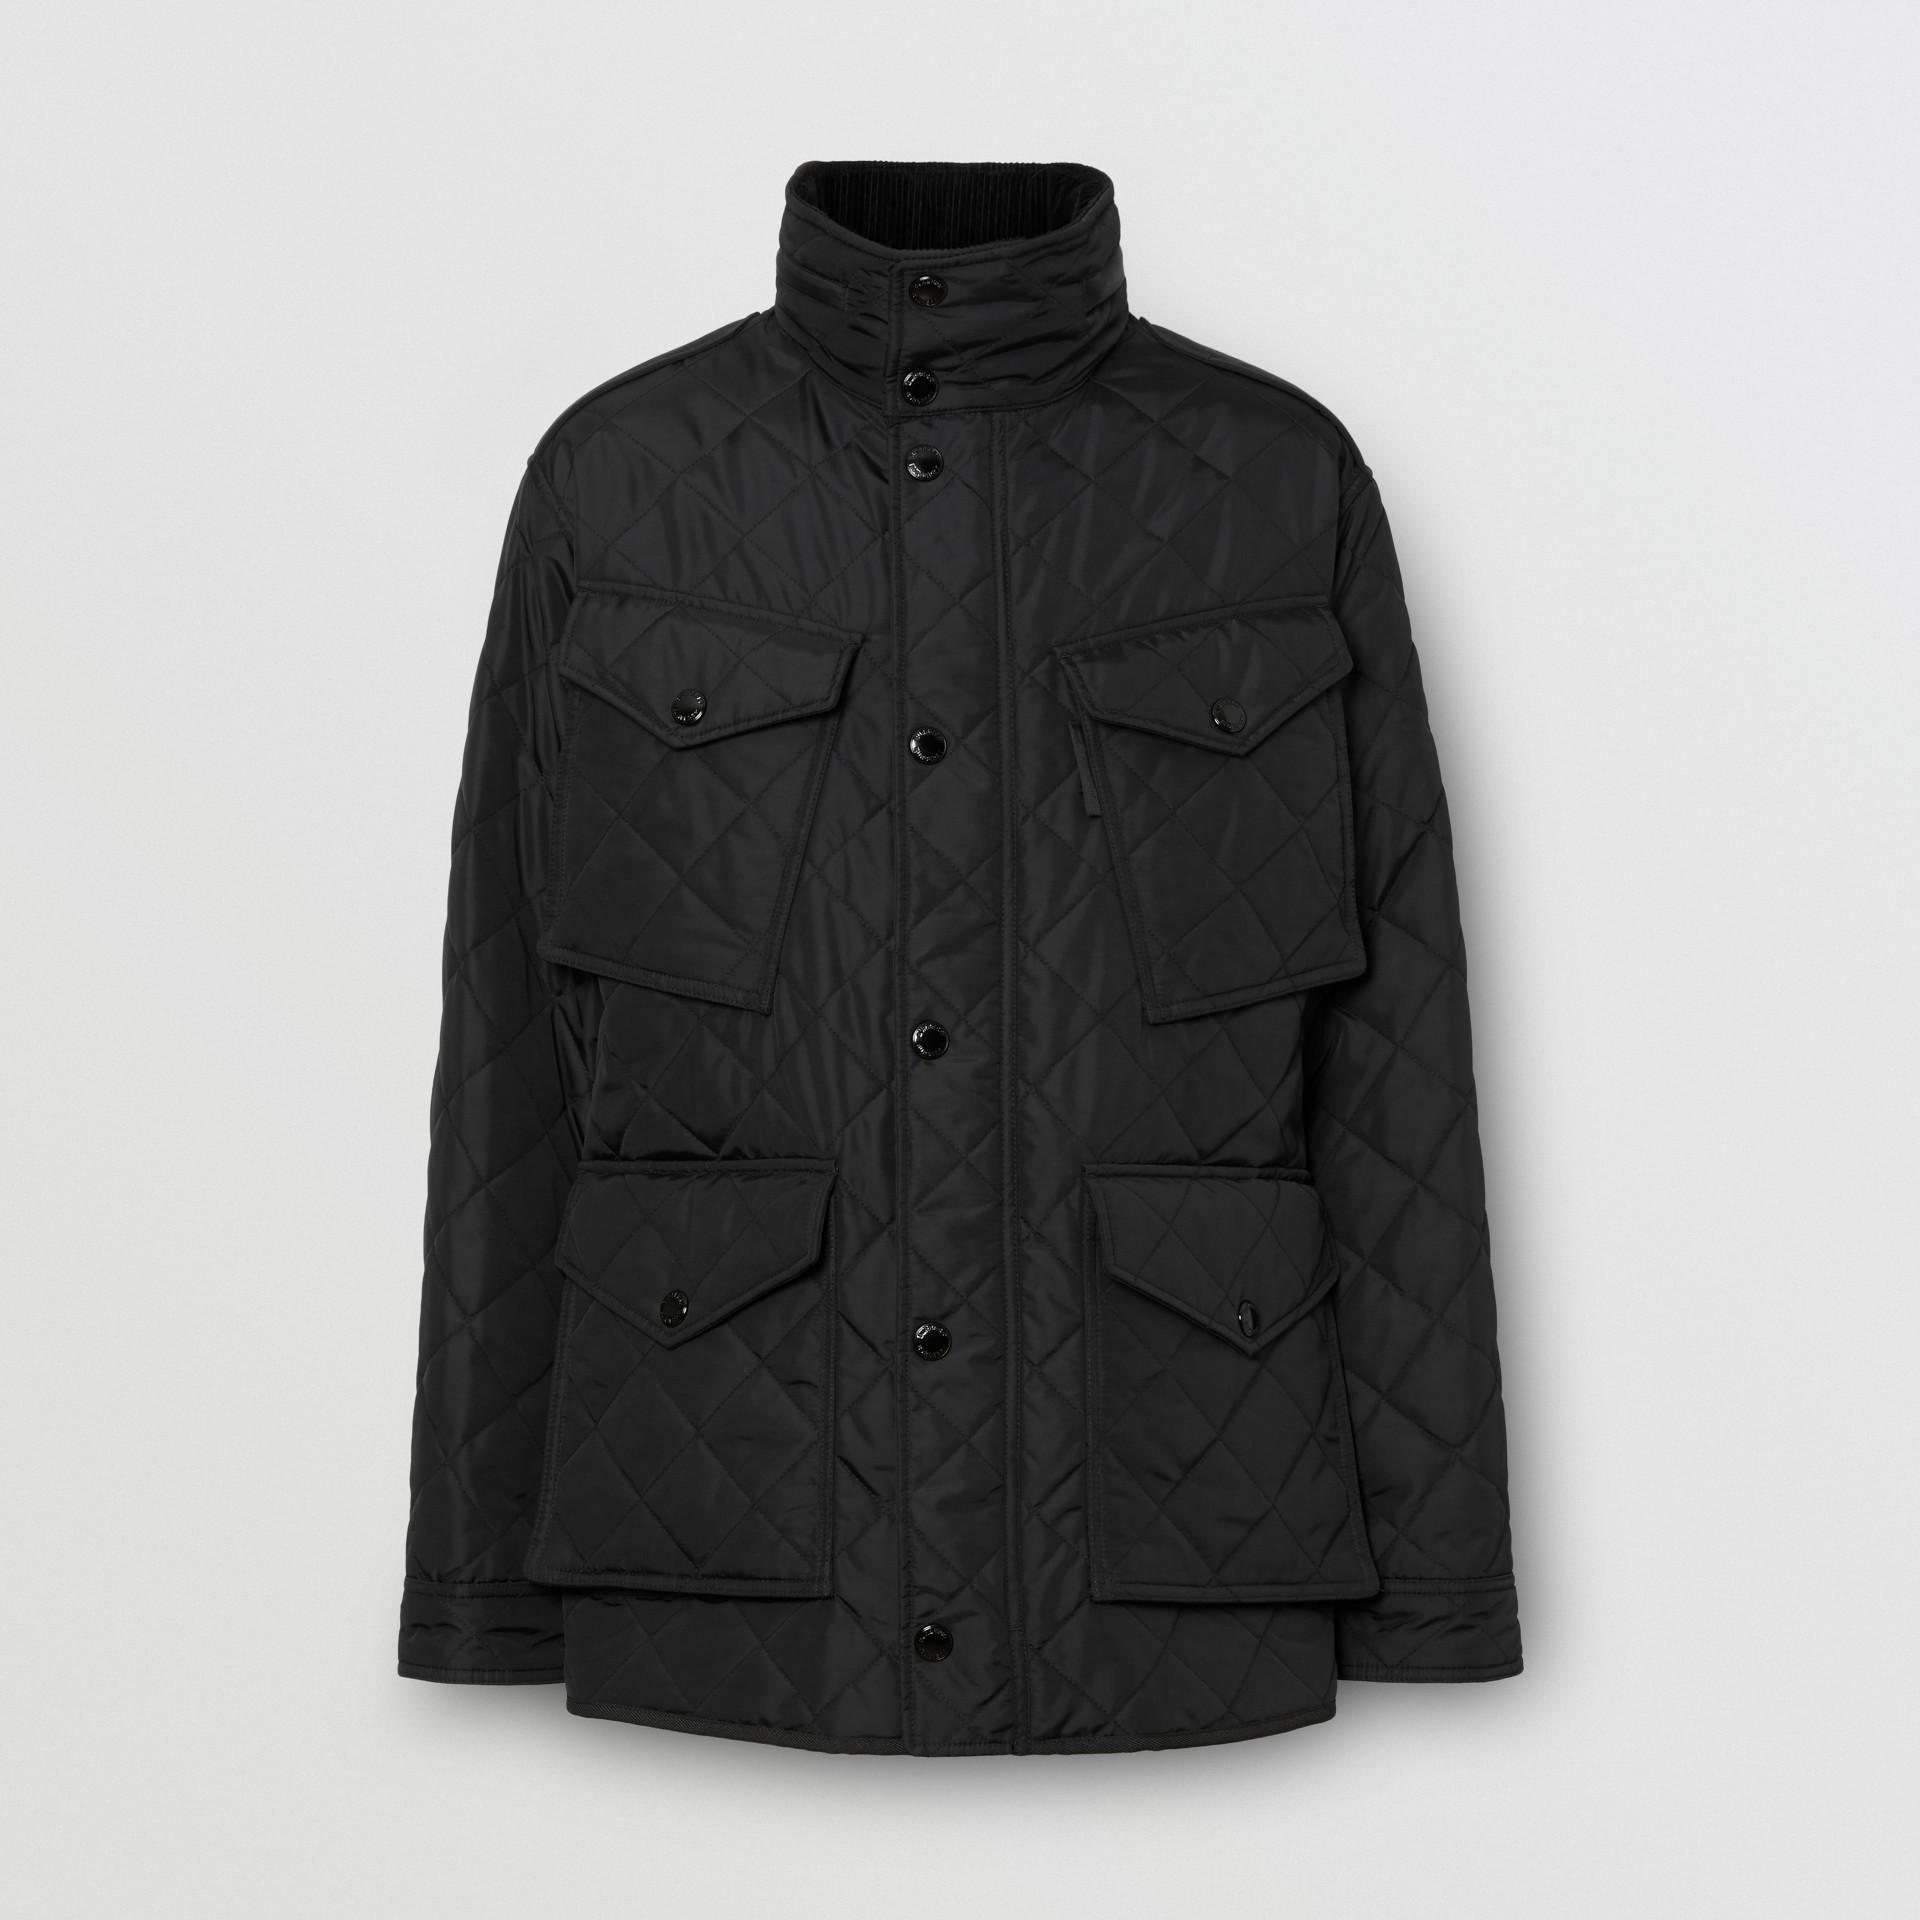 Jaqueta estilo militar termorregulada em matelassê com capuz embutido (Preto) - Homens | Burberry - galeria de imagens 3